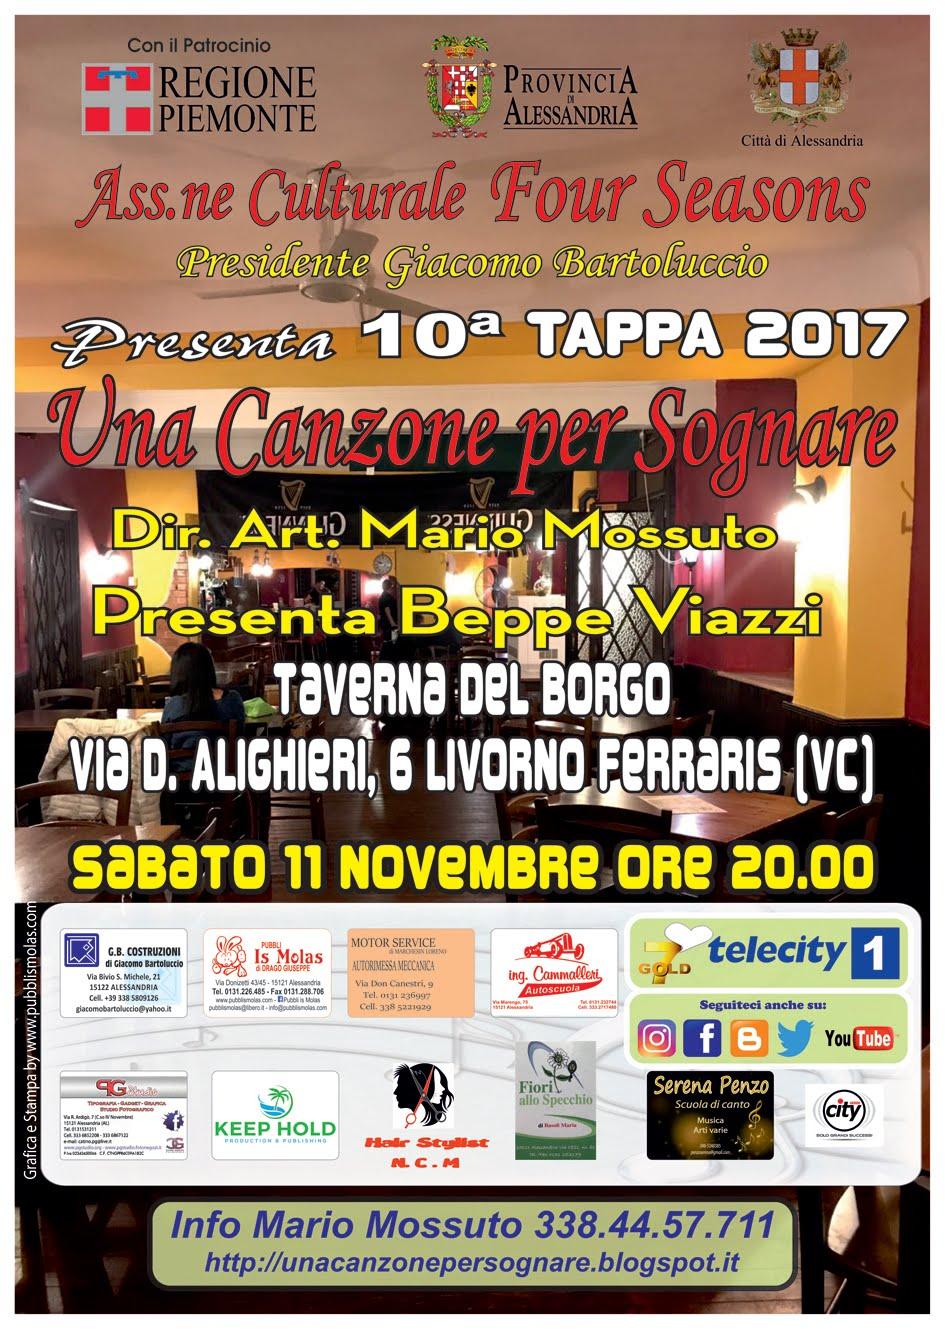 10^Tappa Una Canzone per Sognare